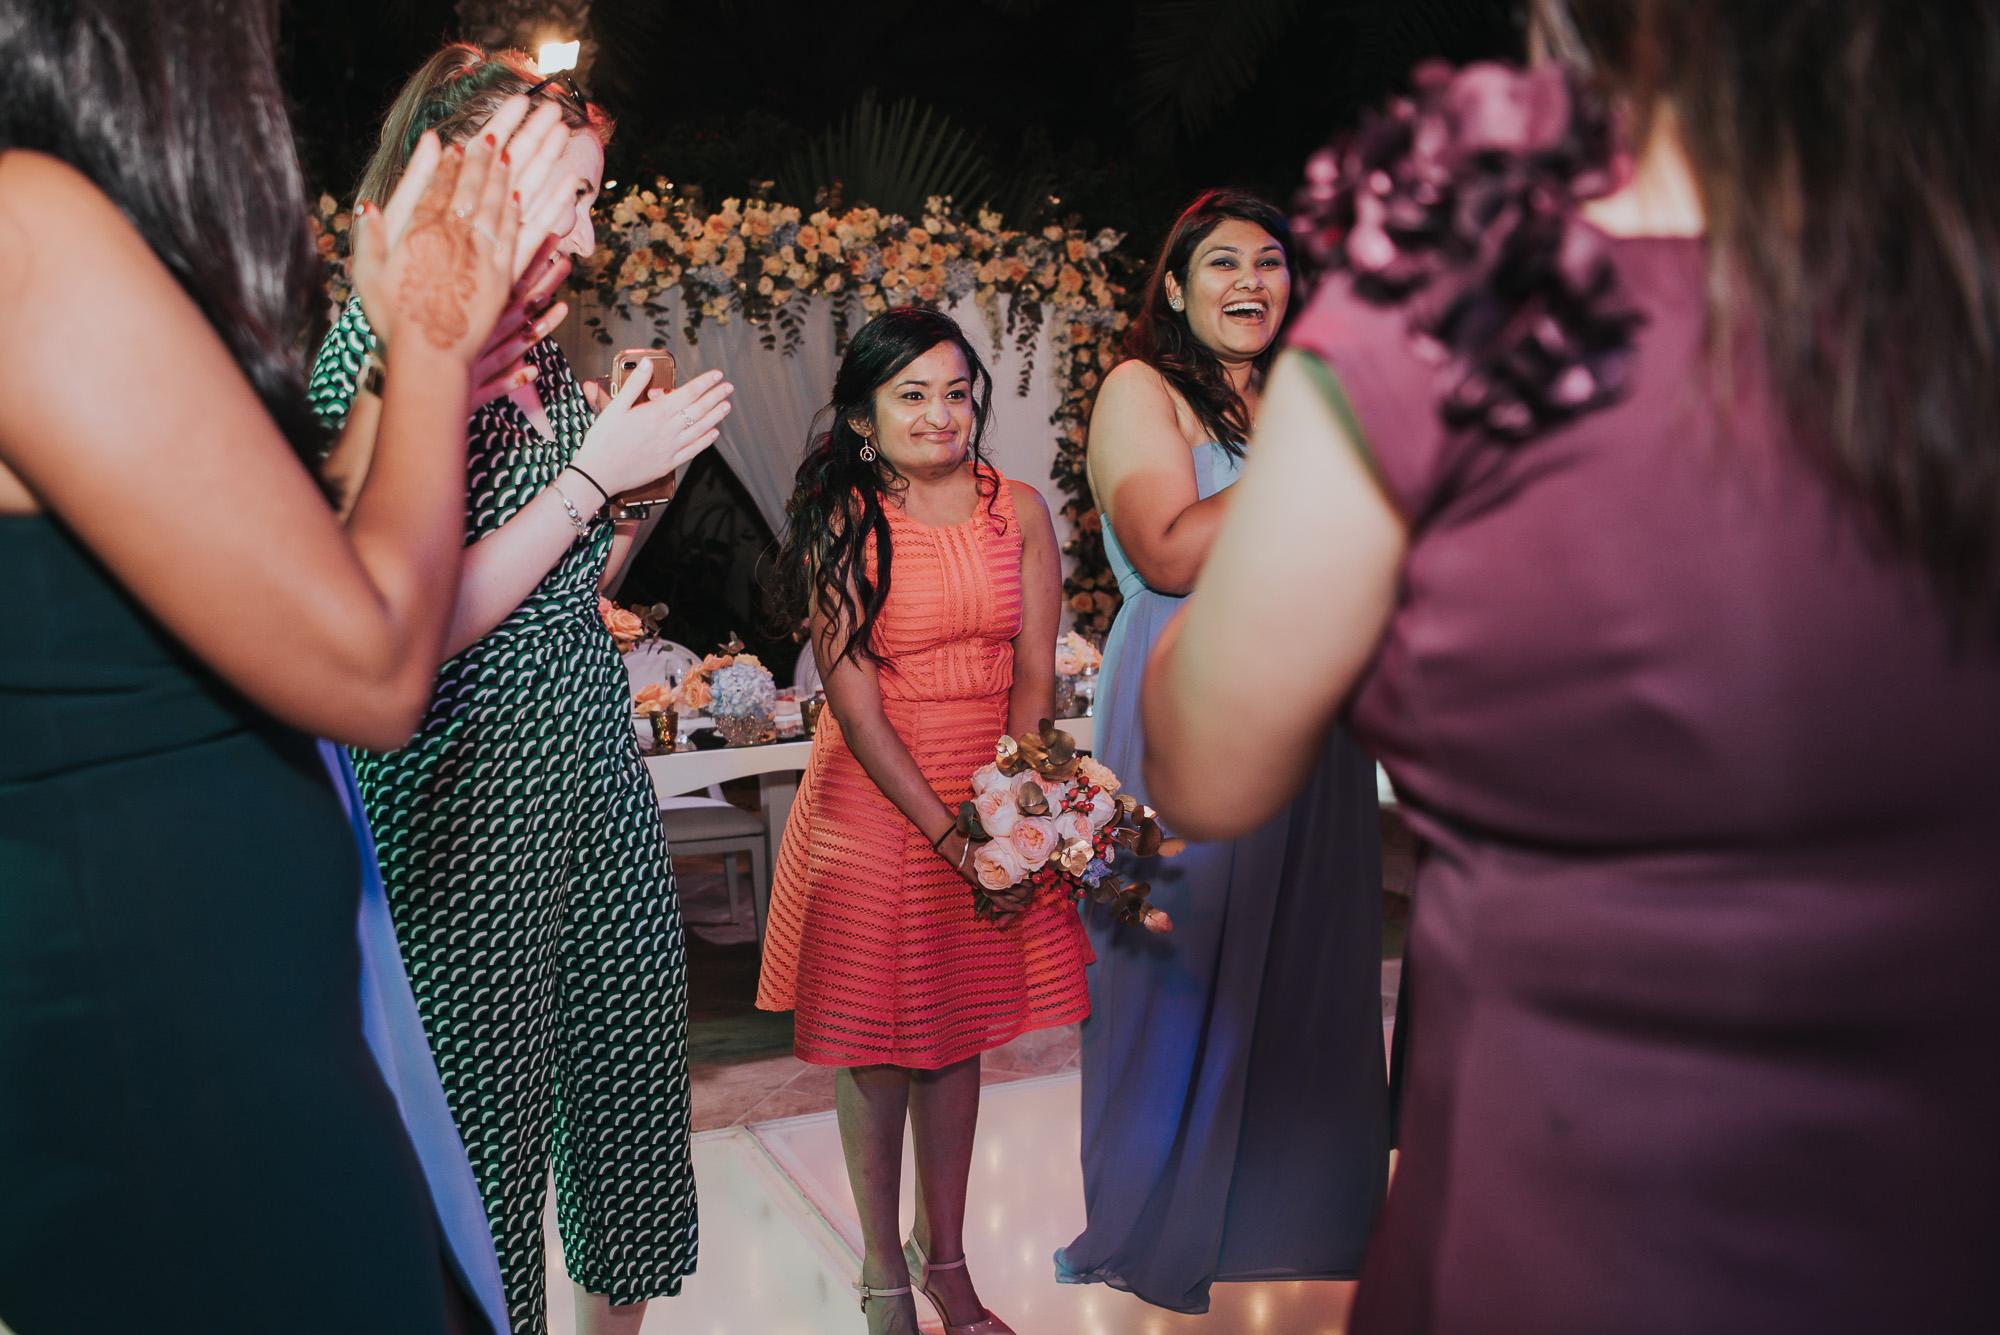 madinat jumeirah dubai wedding photographer  destination wedding photography (51 of 52).jpg